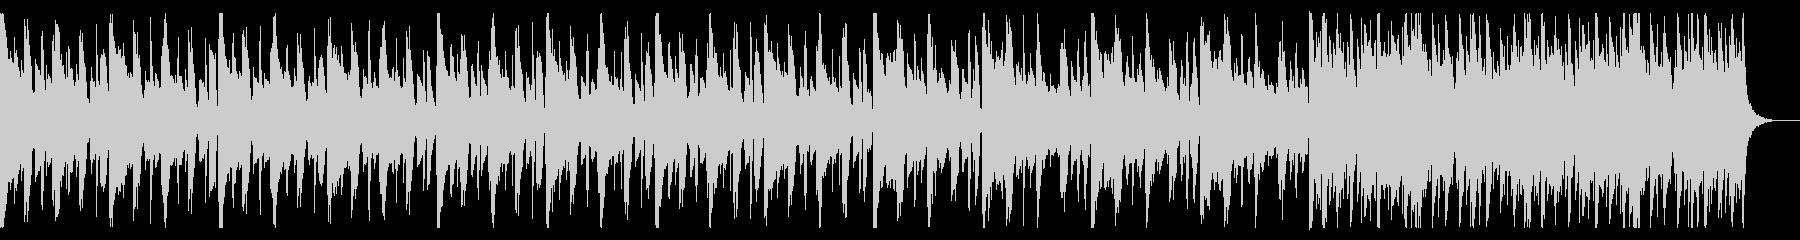 ドライブミュージック_No632_2の未再生の波形